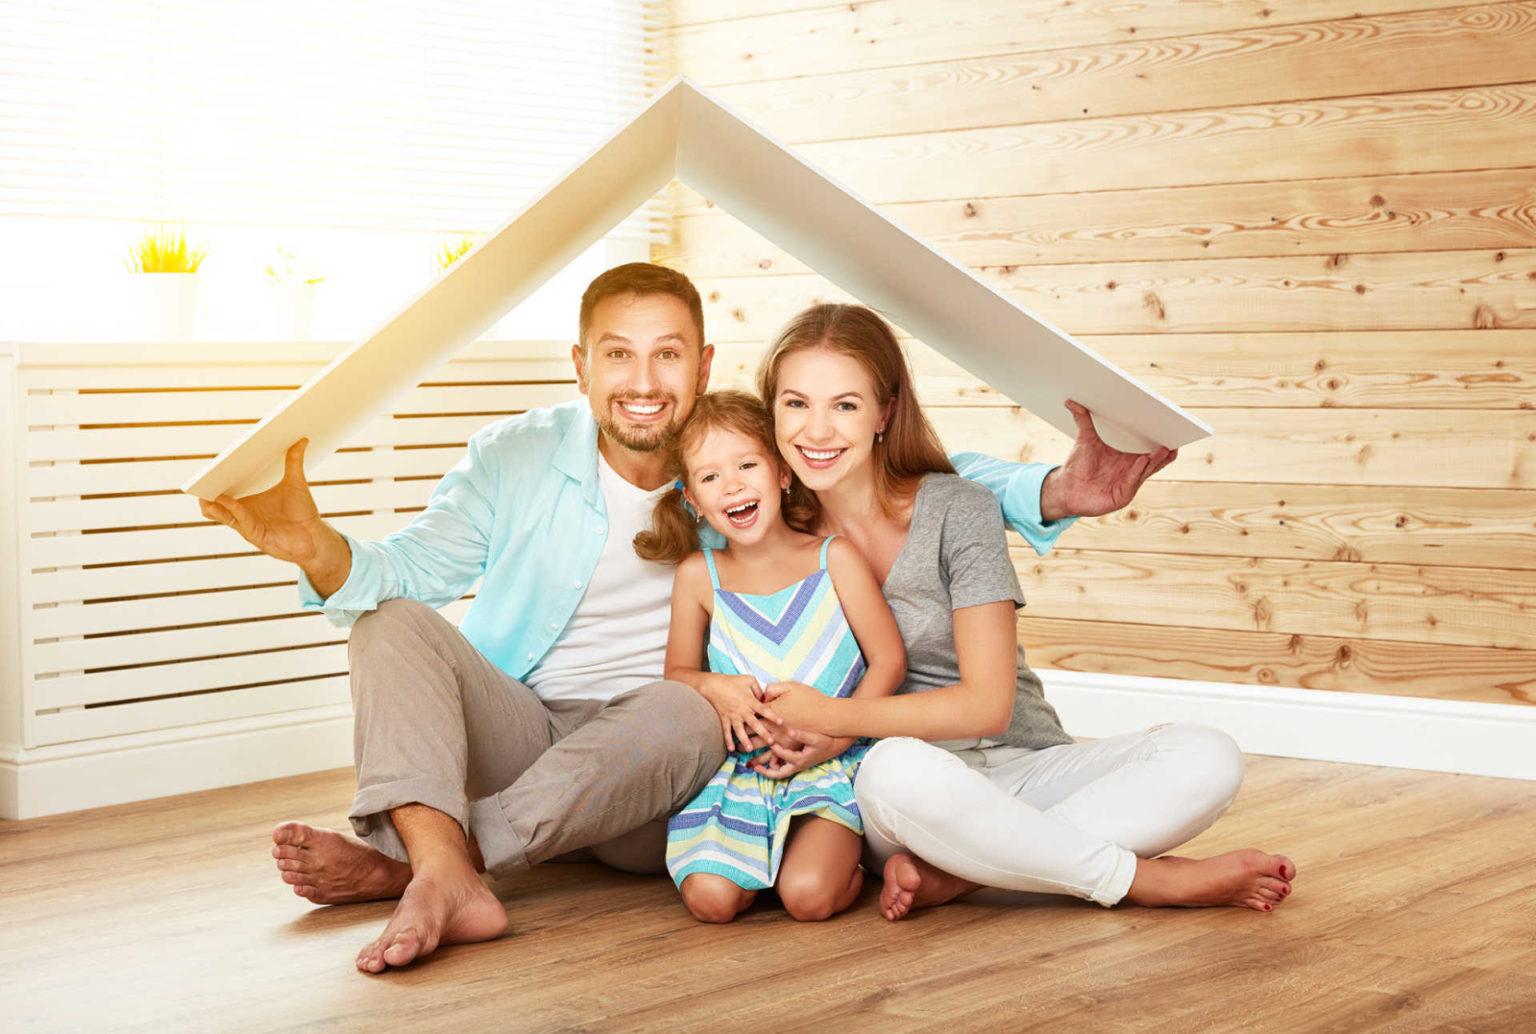 Картинка молодая семья и жилье